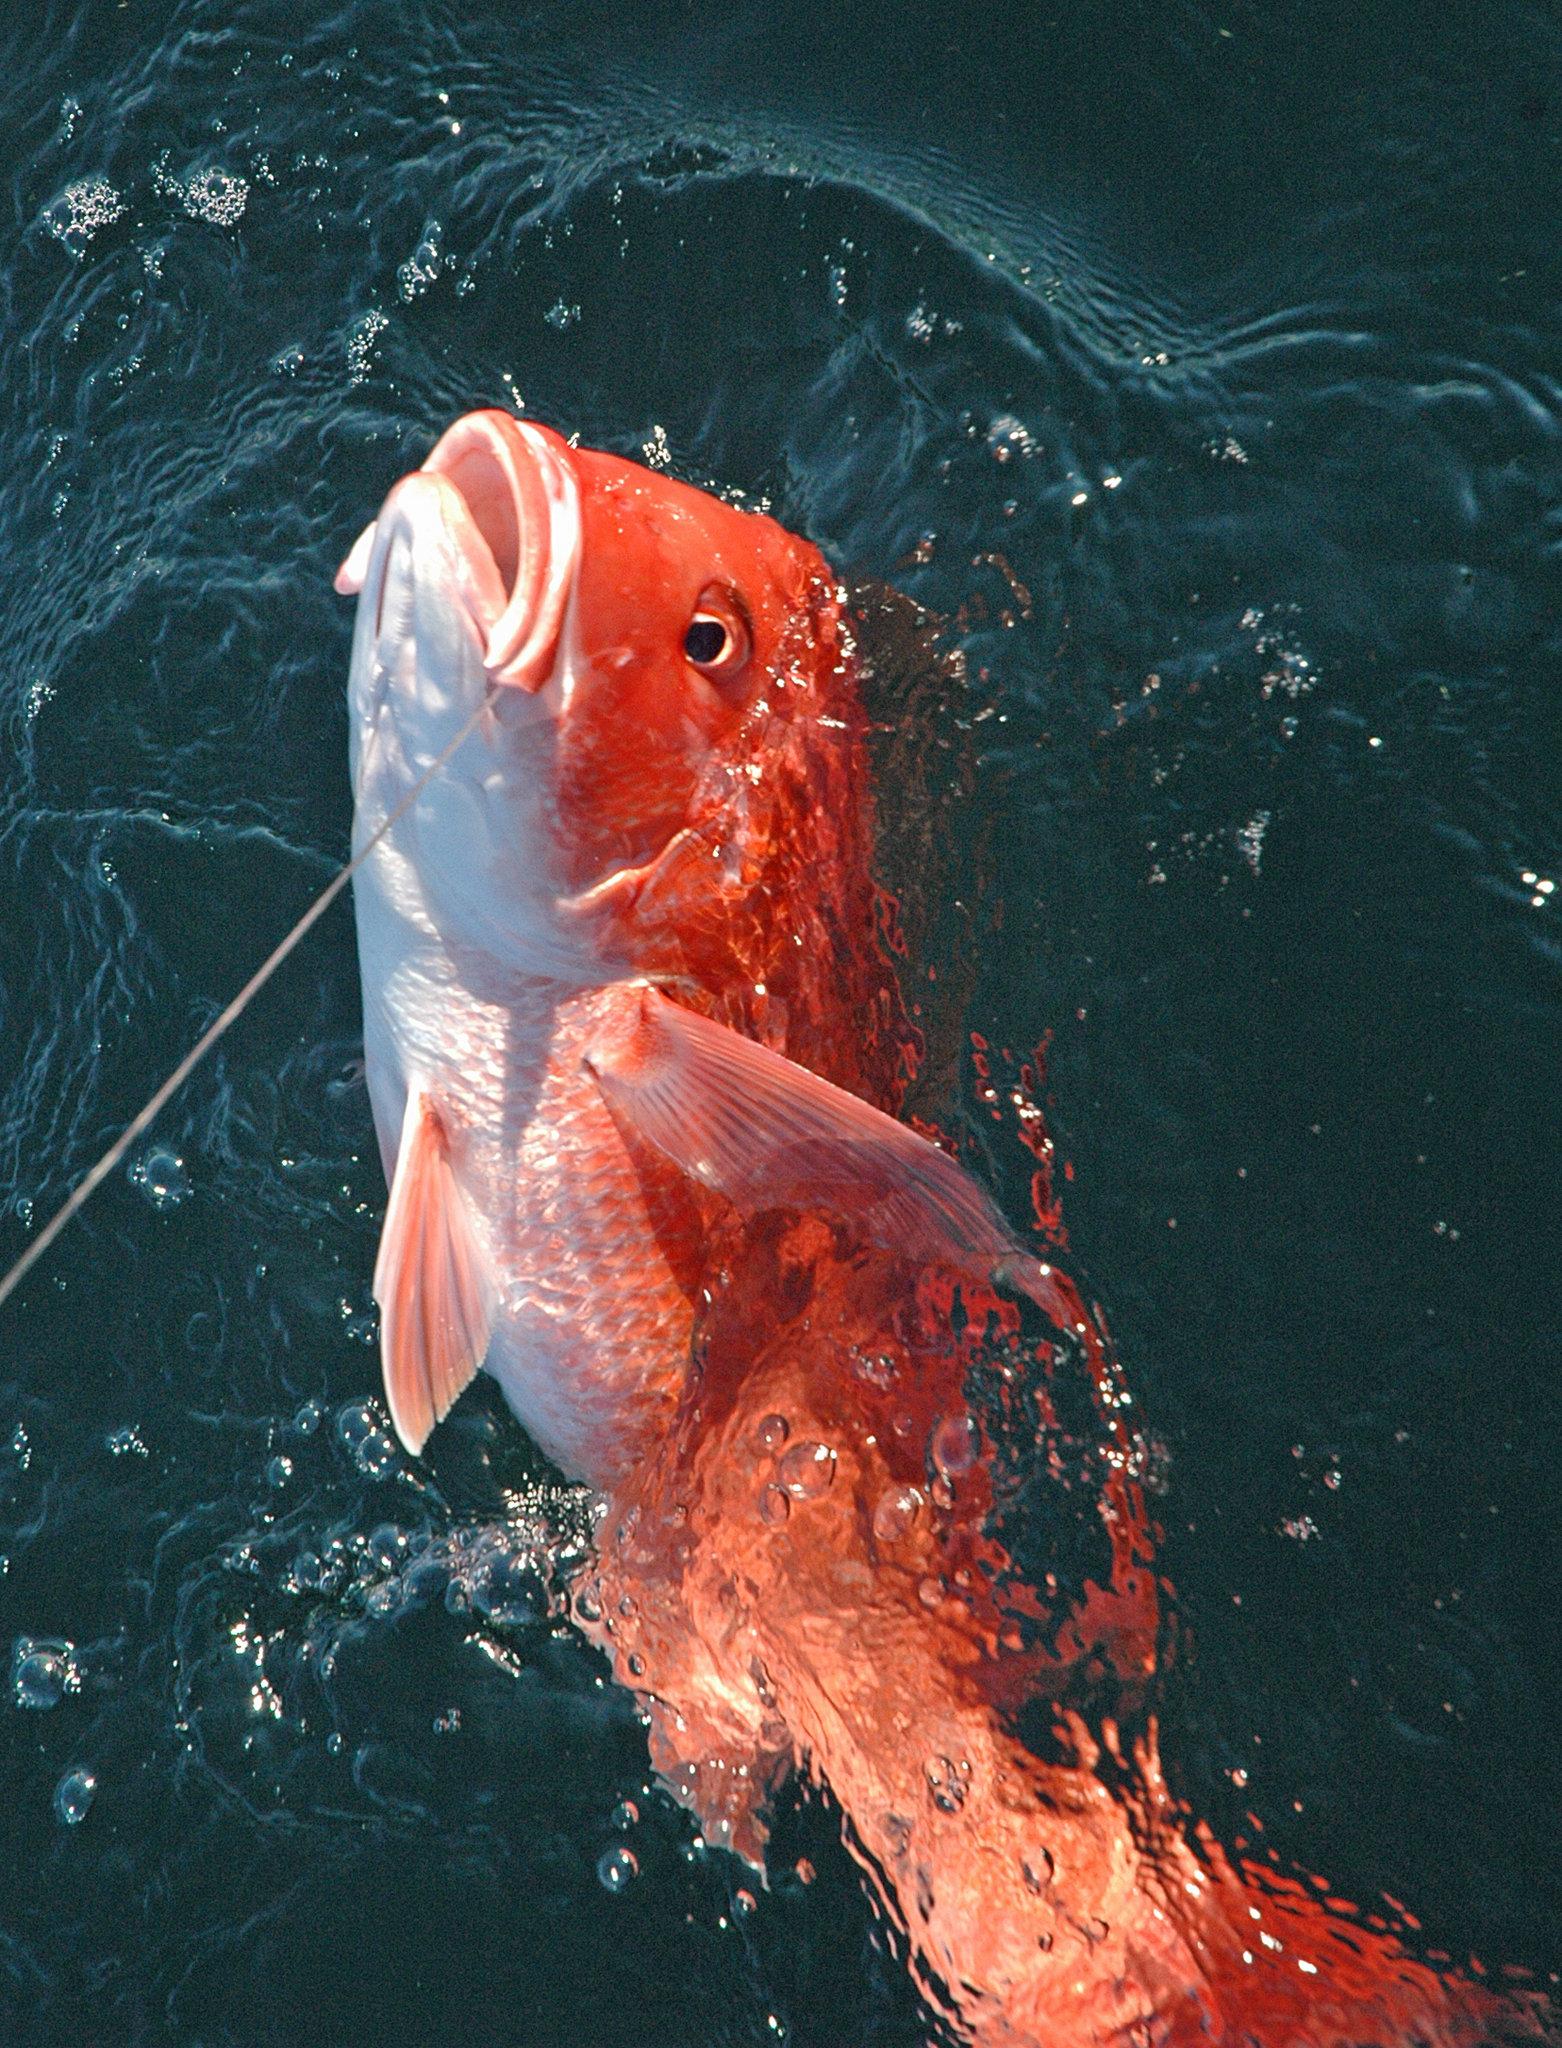 The Red Snapper, A Destin Icon | Destin Fishing Company Destin, FL ...